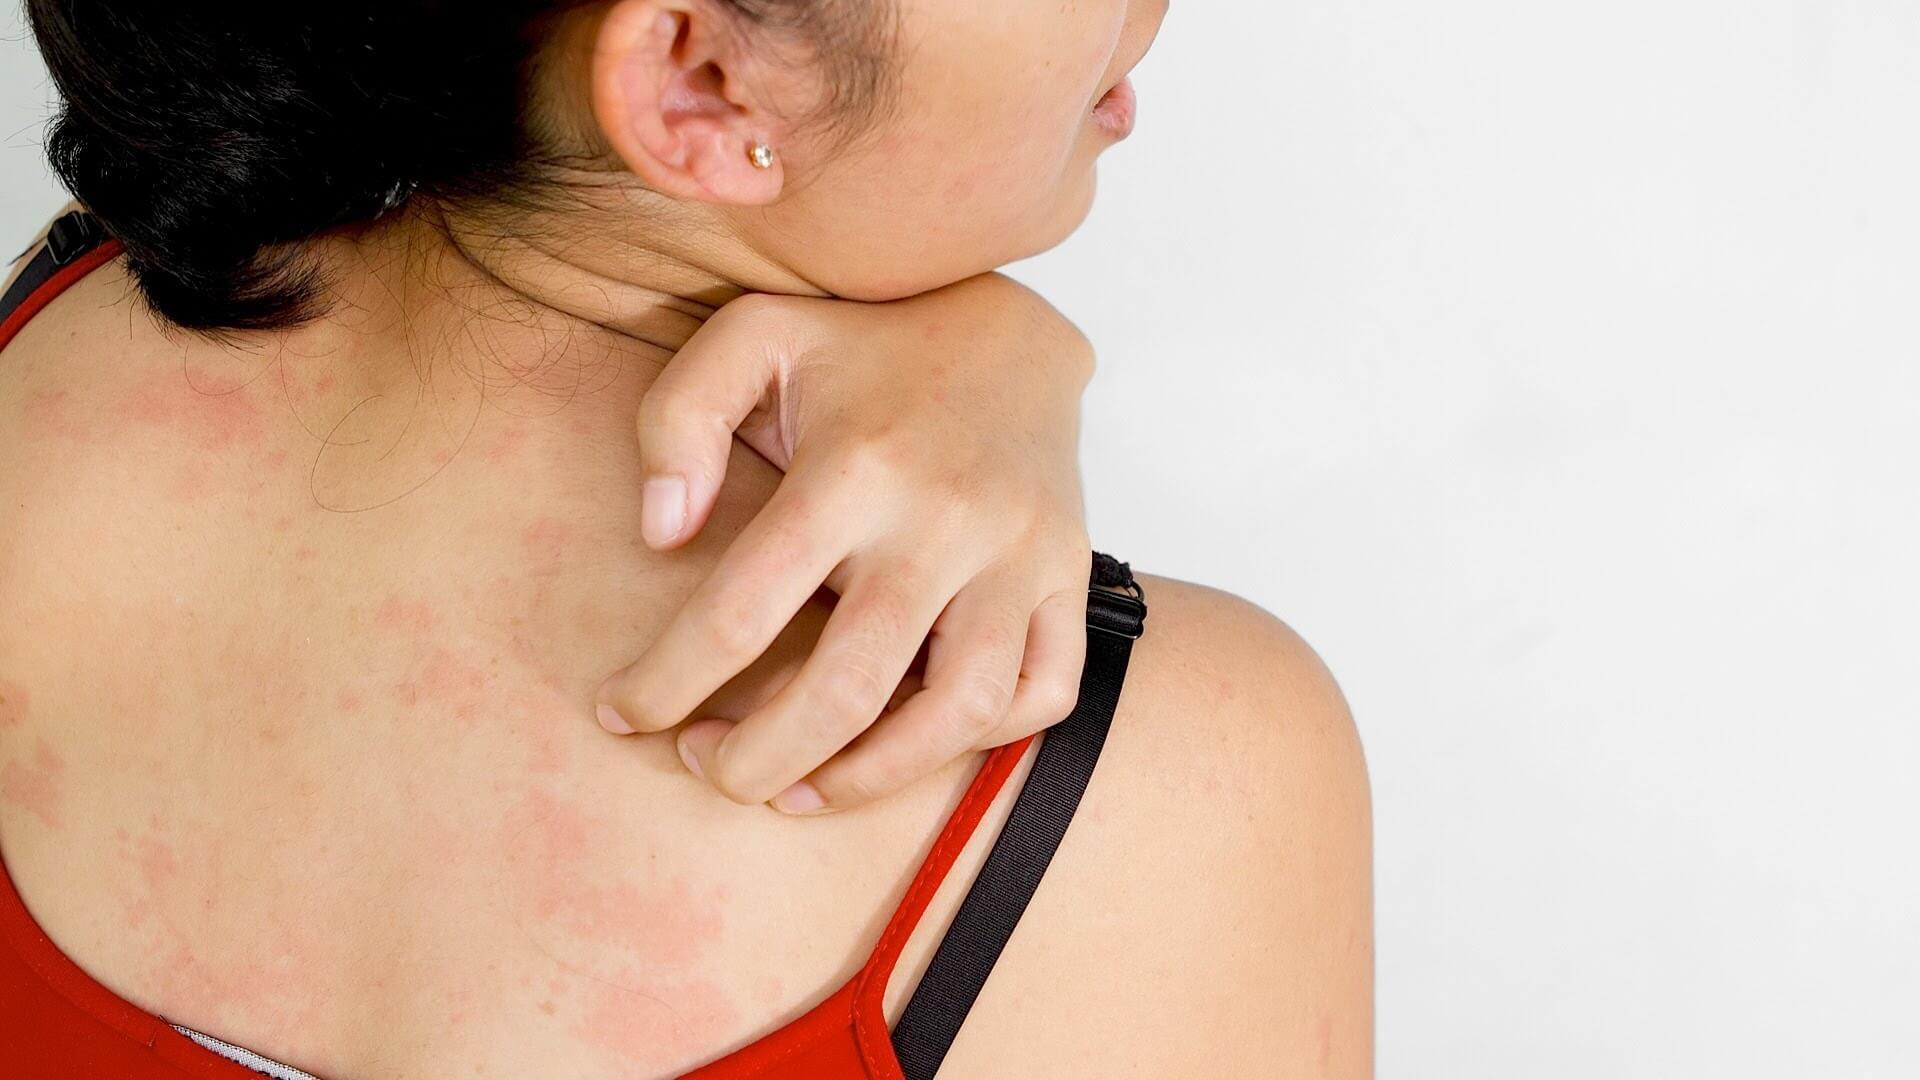 Аллергия и ее диагностика: анализ крови и кожное тестирование